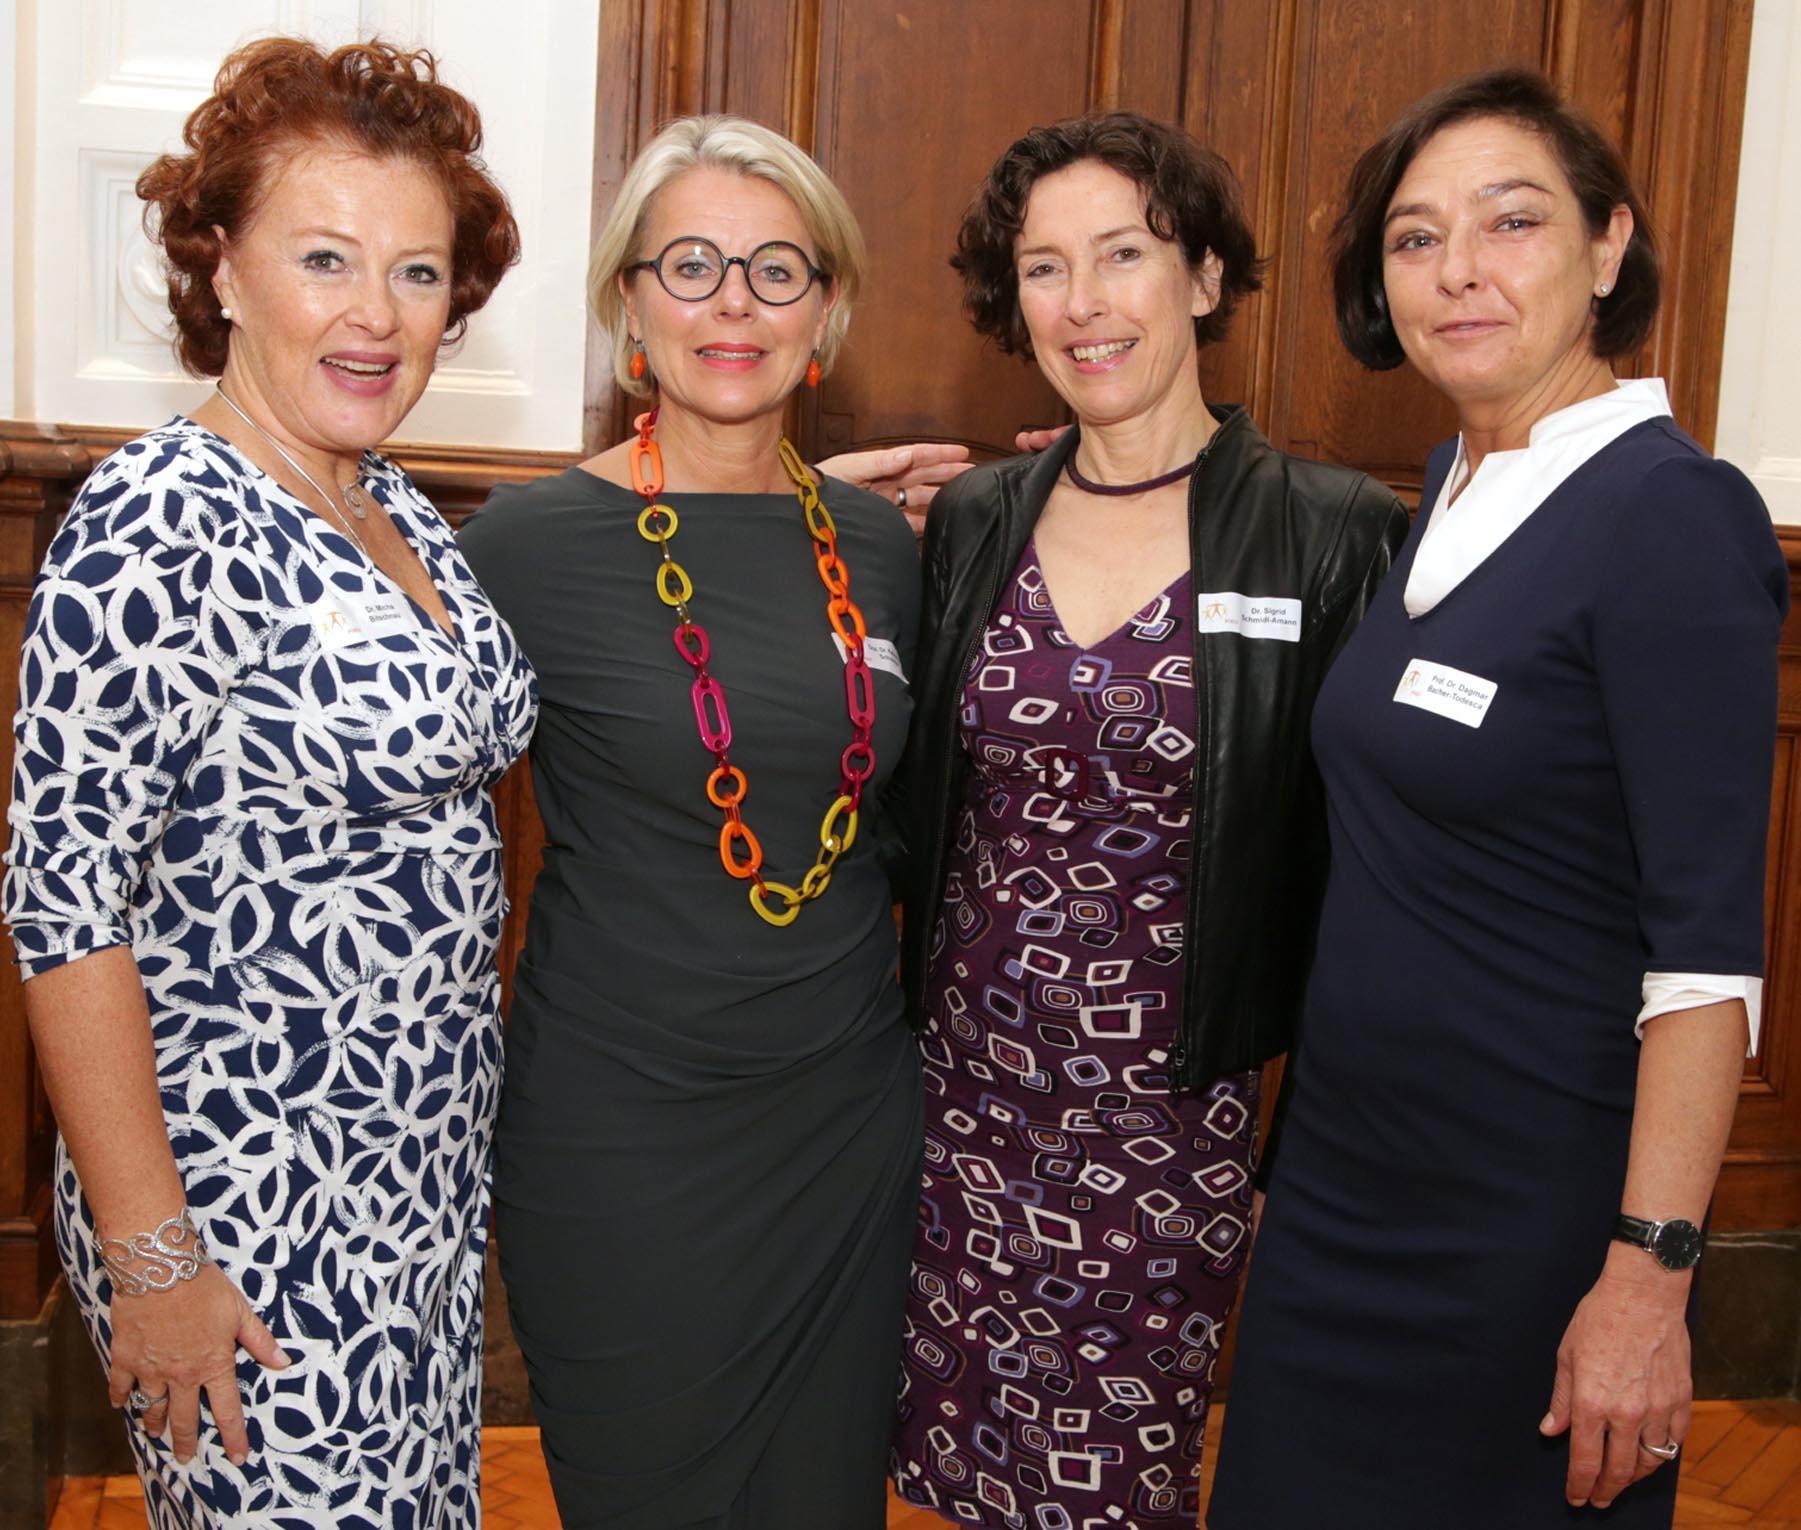 PIKÖ Vorstandsmitglieder, von links: OÄ Dr. Micha Bitschnau MFHom, Univ.-Doz. Dr. Katharina Schuchter, Dr. Sigrid Schmidl-Amann, Univ. Prof. Dr. Dagmar Bancher-Todesca